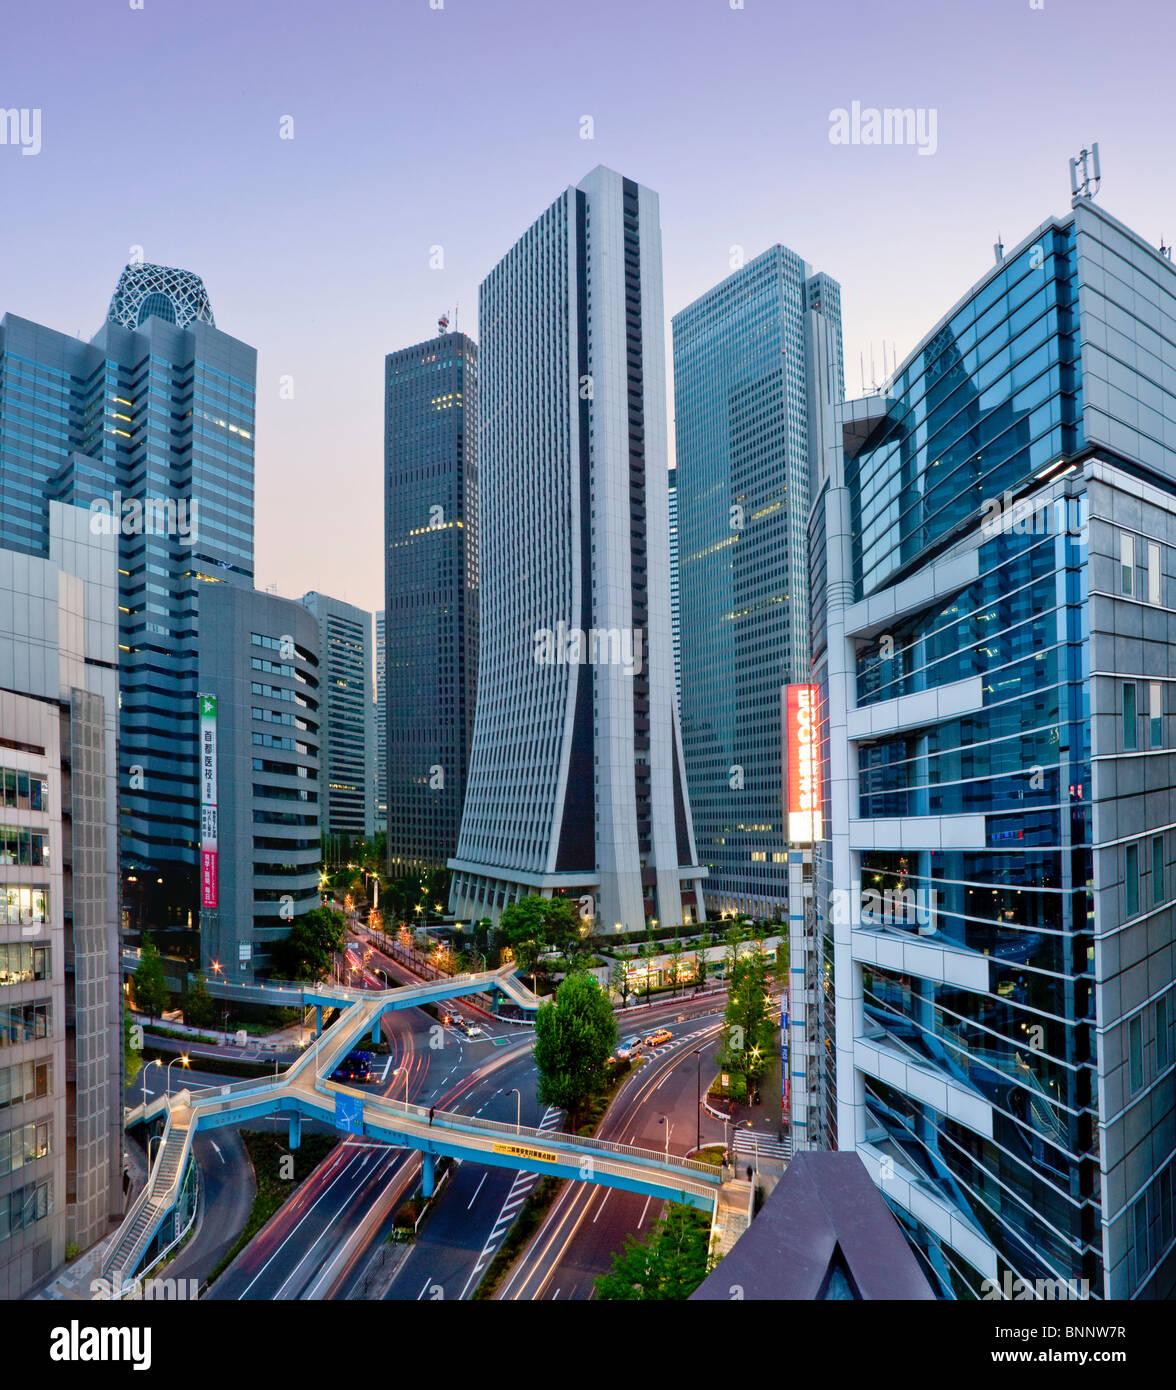 Asien Fernost Tokio Japan Stadt Stadtverkehr Shinjuku Bausteine Bau von Wohnungen Hochhäuser Omekaido Stockbild